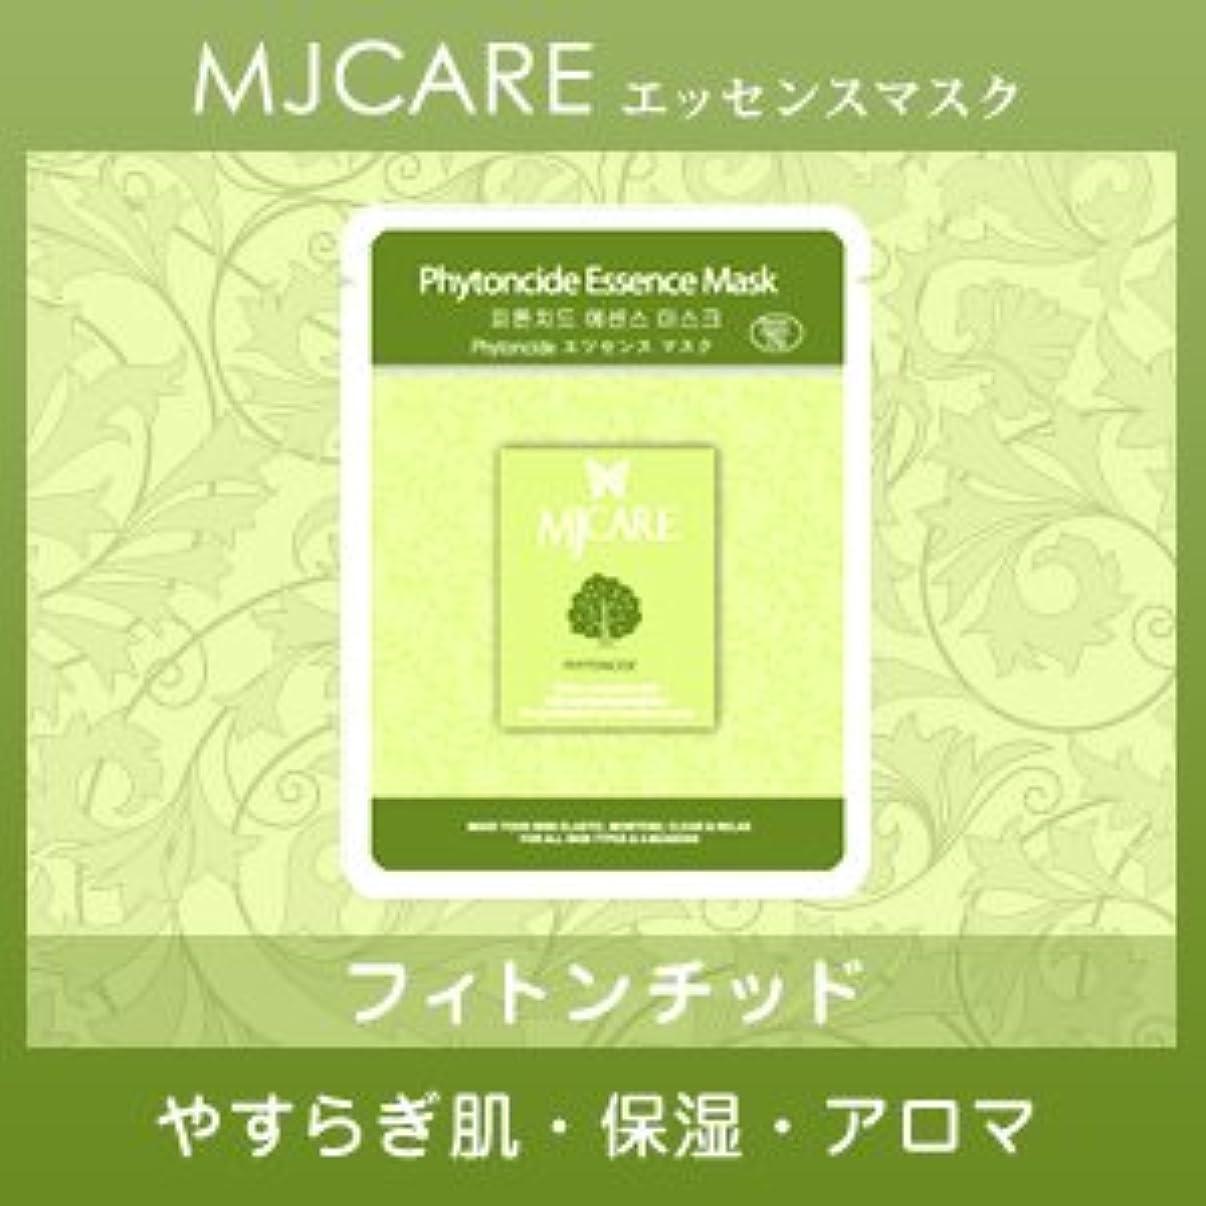 ゴミ箱を空にする死の顎記録MJCARE (エムジェイケア) フィトンチッド エッセンスマスク